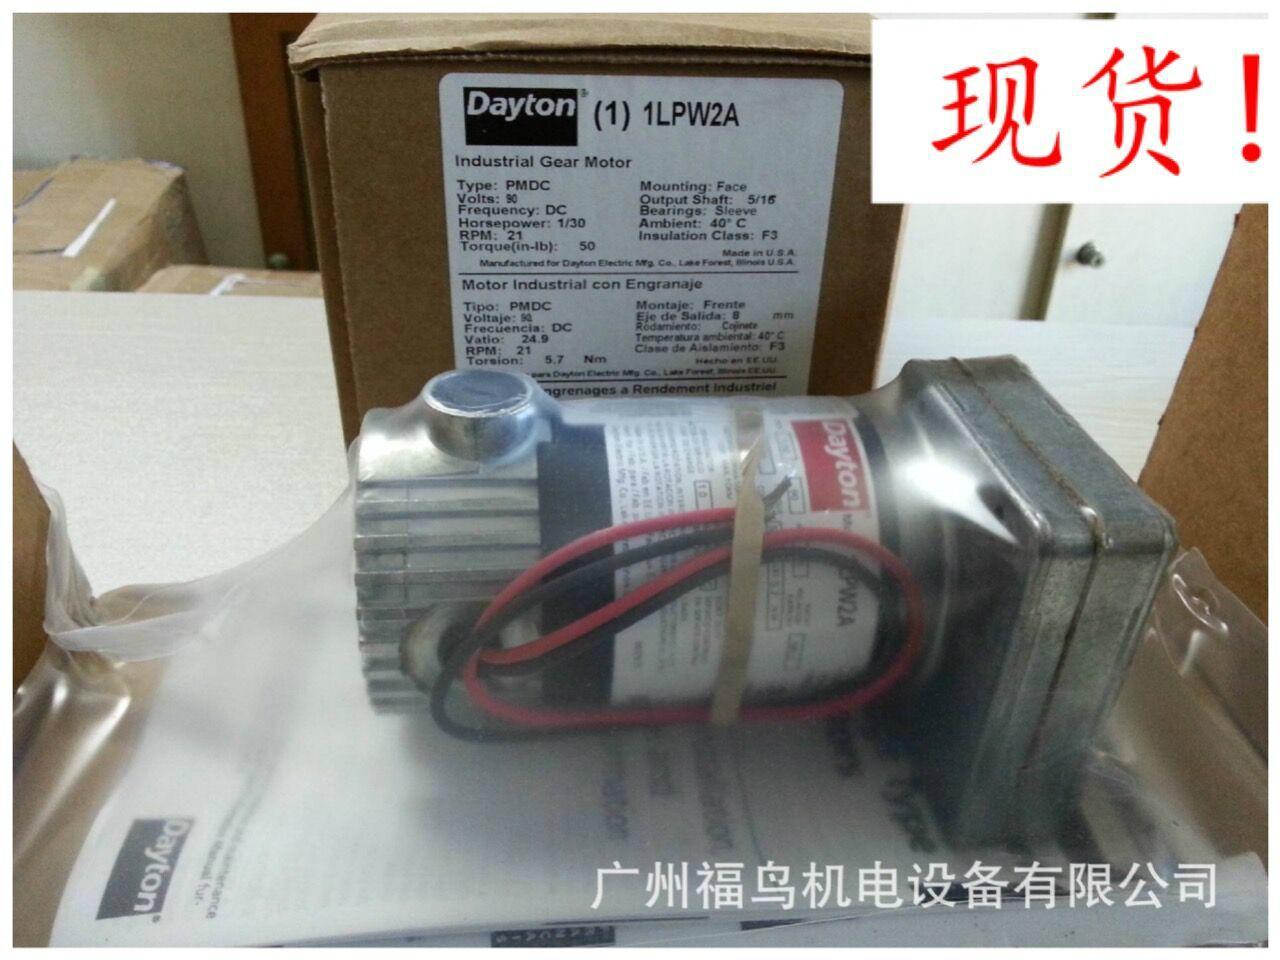 DAYTON电机, 型号: 1LPW2A